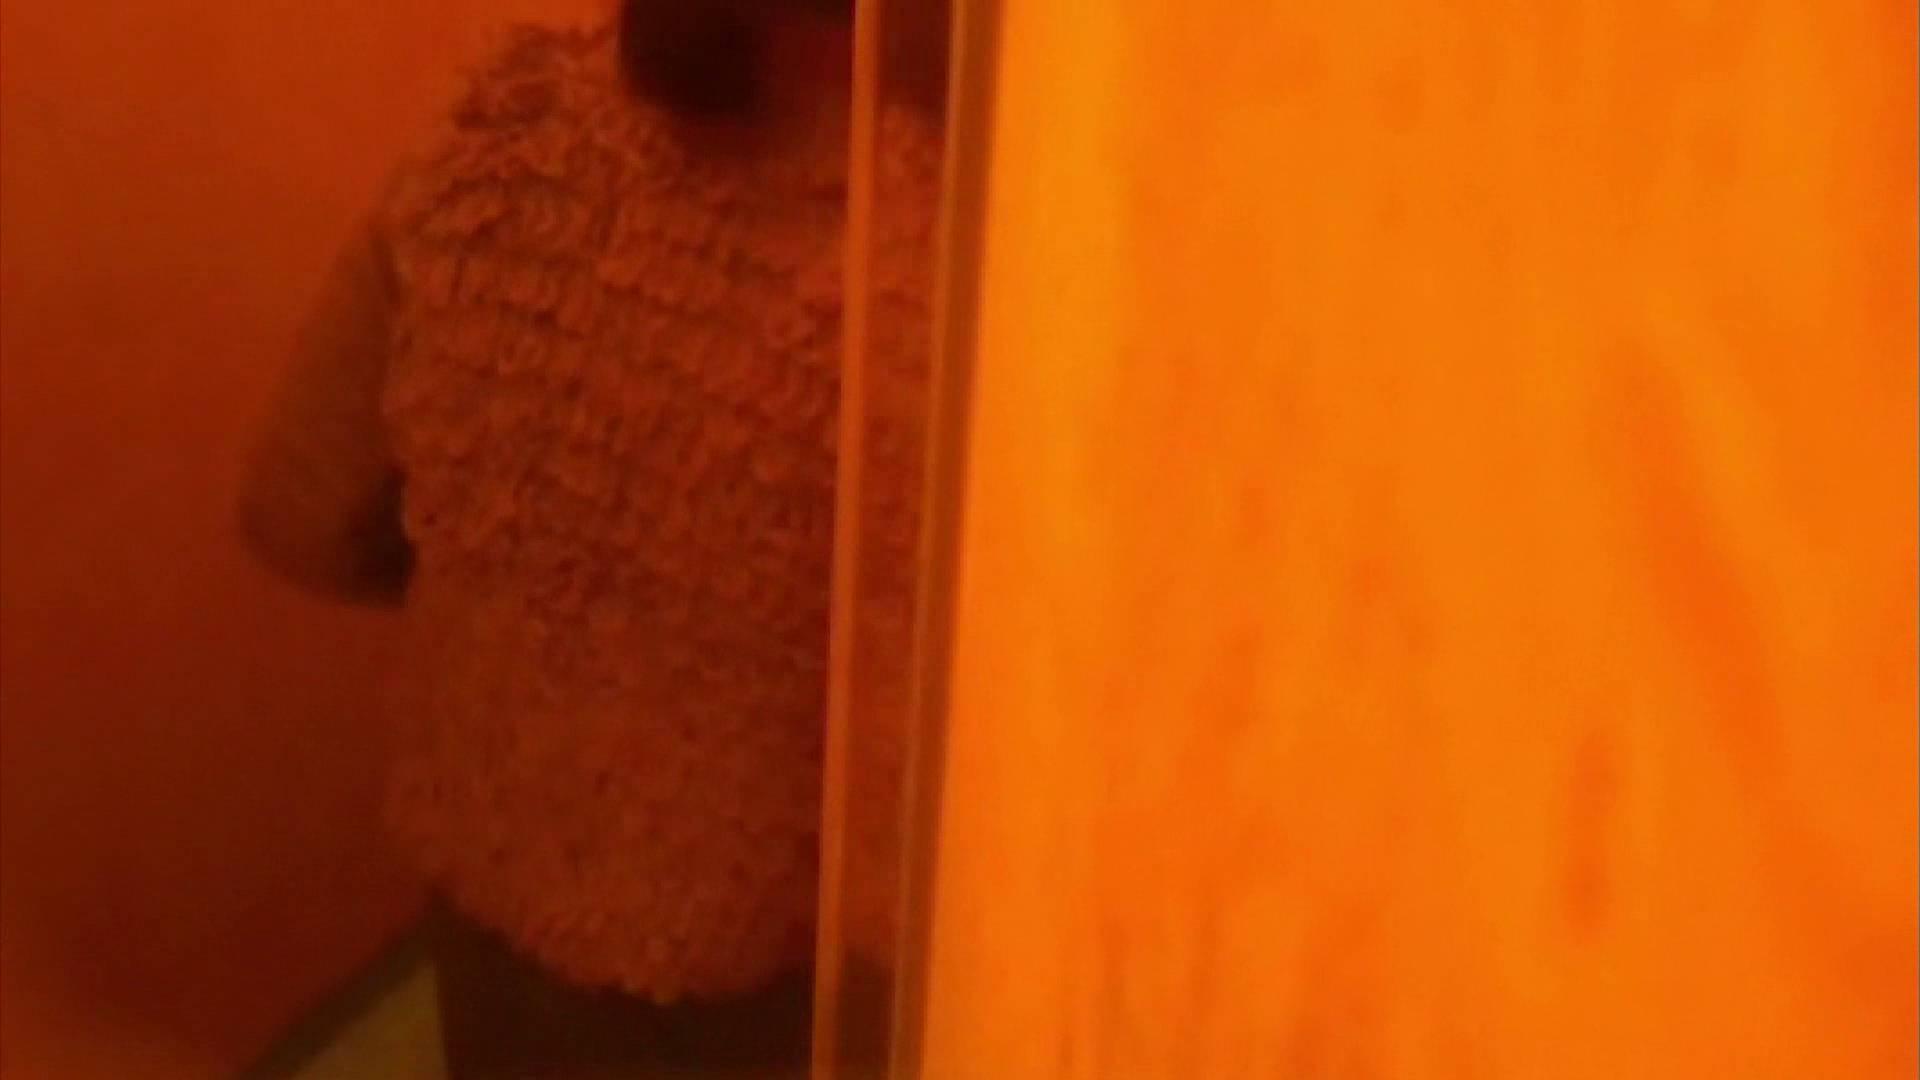 品川からお届け致します!GALS厠覗き! Vol.08 覗き | HなOL  99pic 96